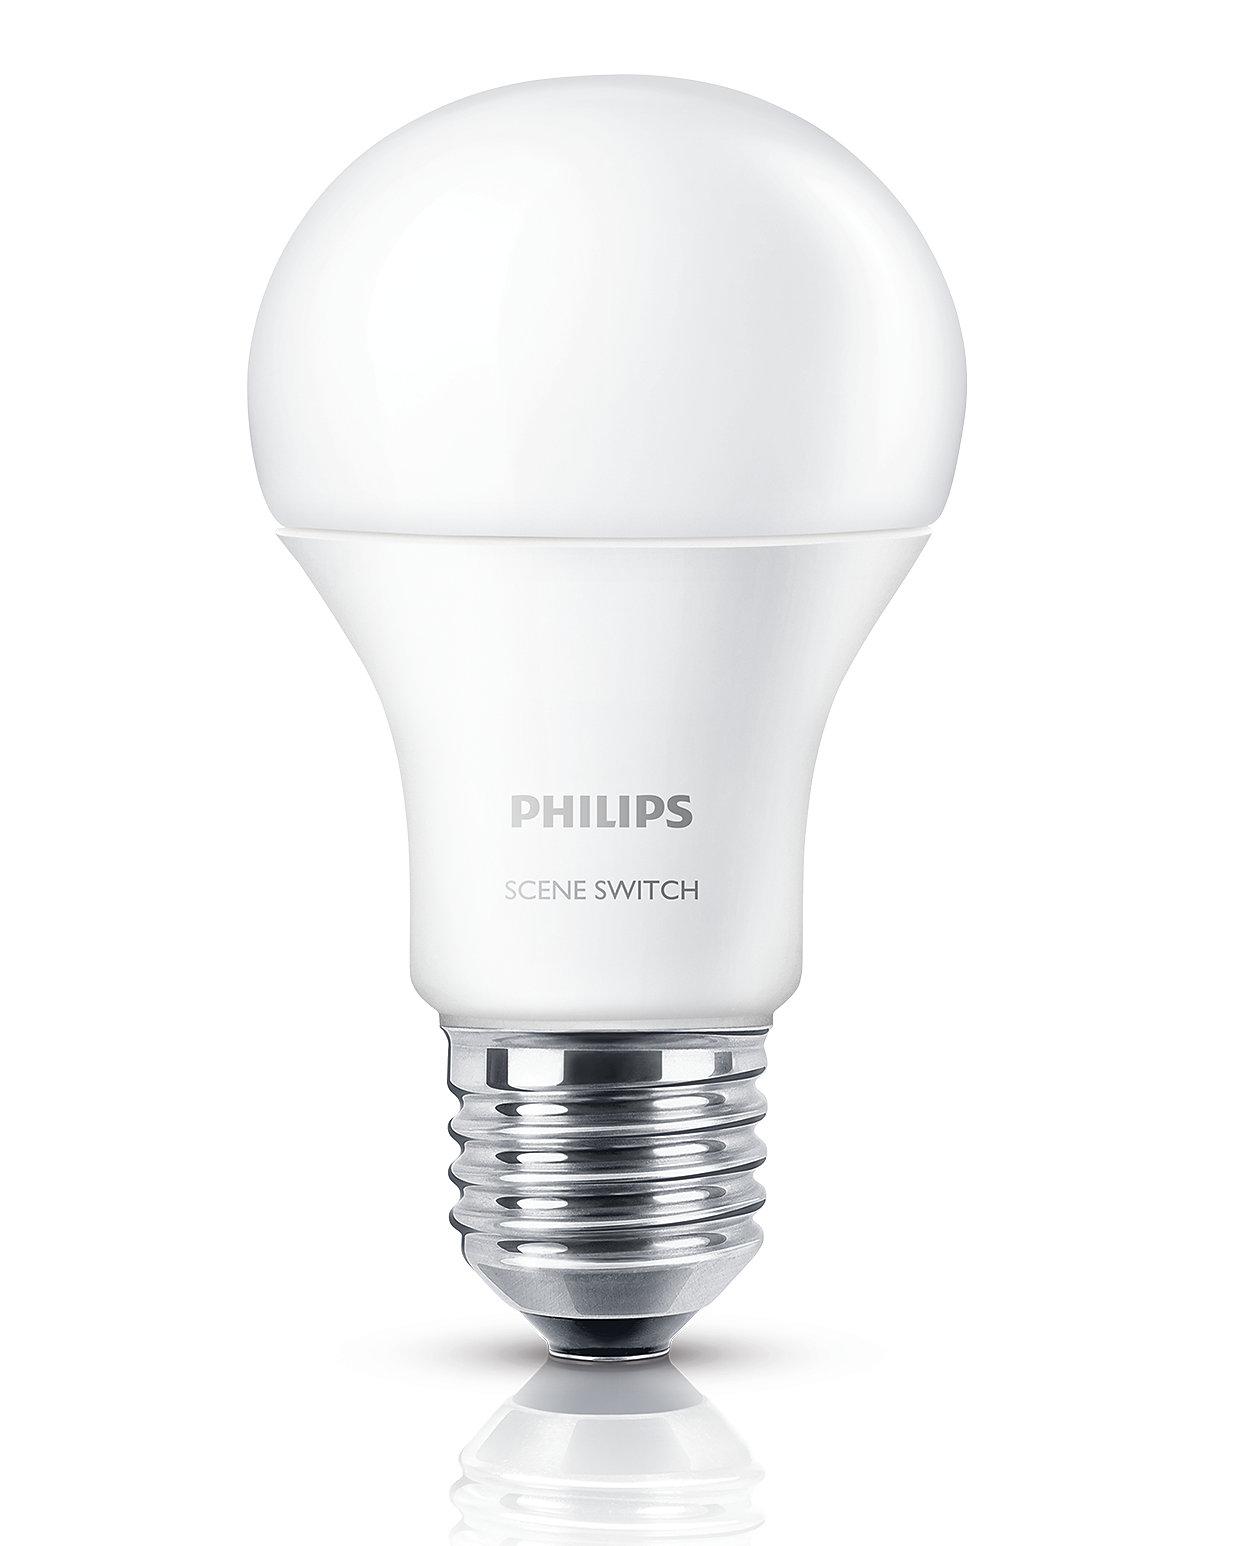 一個燈泡,三種照明設定